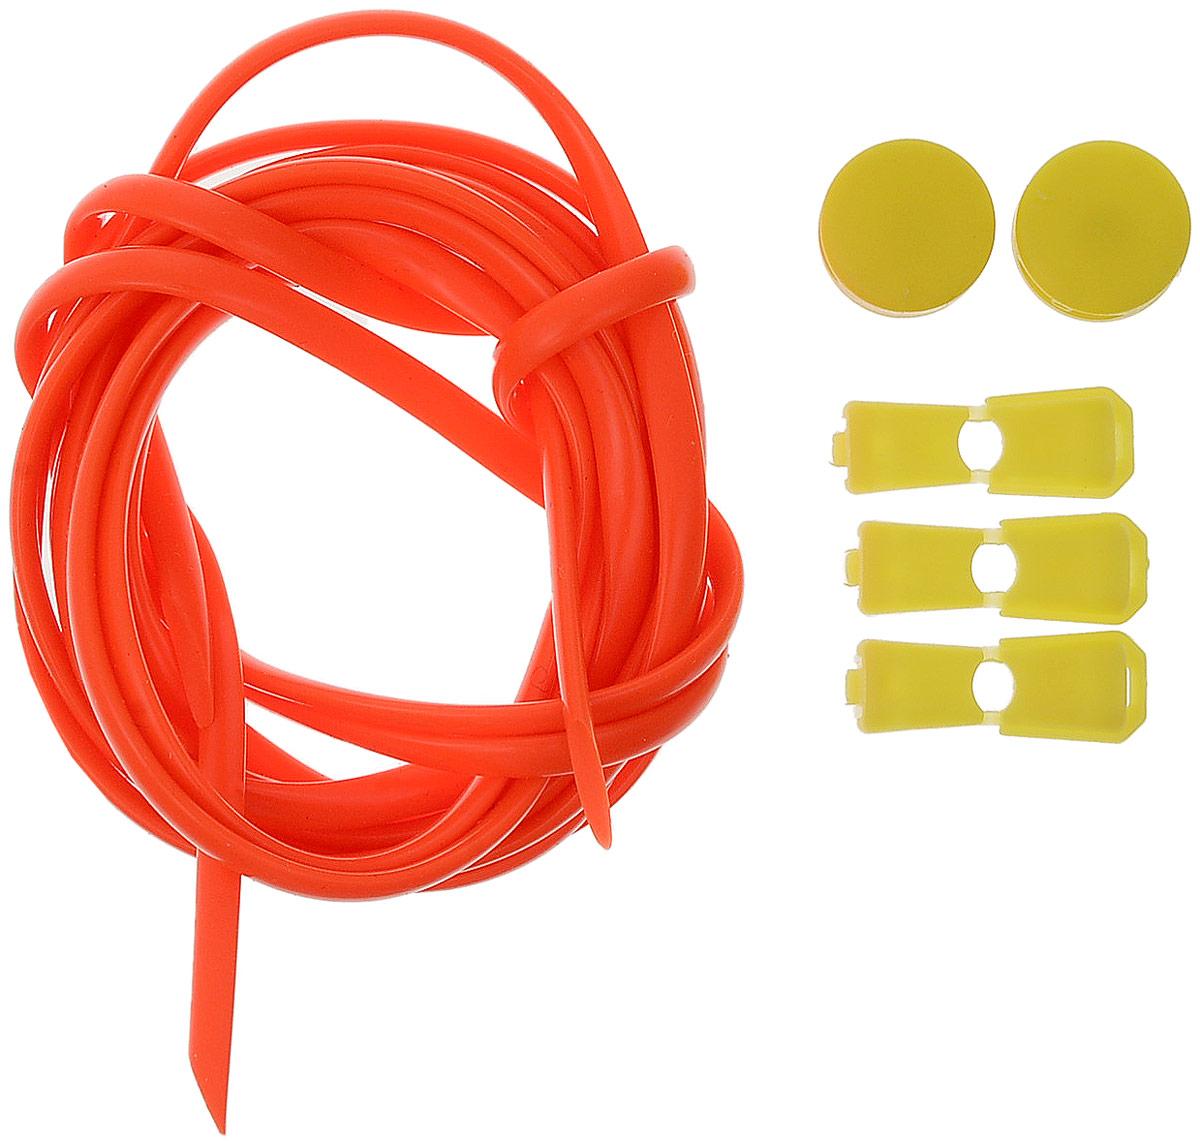 Шнурки силиконовые Hilace Group, цвет: оранжевый. Арт-2920Арт-2920Шнурок силиконовый оранжевый флуоресцентный длинномерныйДлина: 2,2 метра, 2 фиксатора, 2 зажима Шнурки компании Hilace GROUP изготовлены в России из 100% силикона, что подтверждено сертификатами и протоколами испытаний. Сегмент: спортсмены (не развязываются во время бега и занятия спортом, надежная фиксация обуви без стягивания стопы ), дети (90 % не умеют завязывать шнурки + есть люминесцентные цвета «светонакопители»), для людей с ограниченными возможностями, беременные, модники, лентяи. Силиконовые шнурки от HILACE GROUP можно носить в любую погоду и при любой температуре, в отличие от резины они не впитывают грязь и не растягиваются со временем. Срок службы более 2 лет.